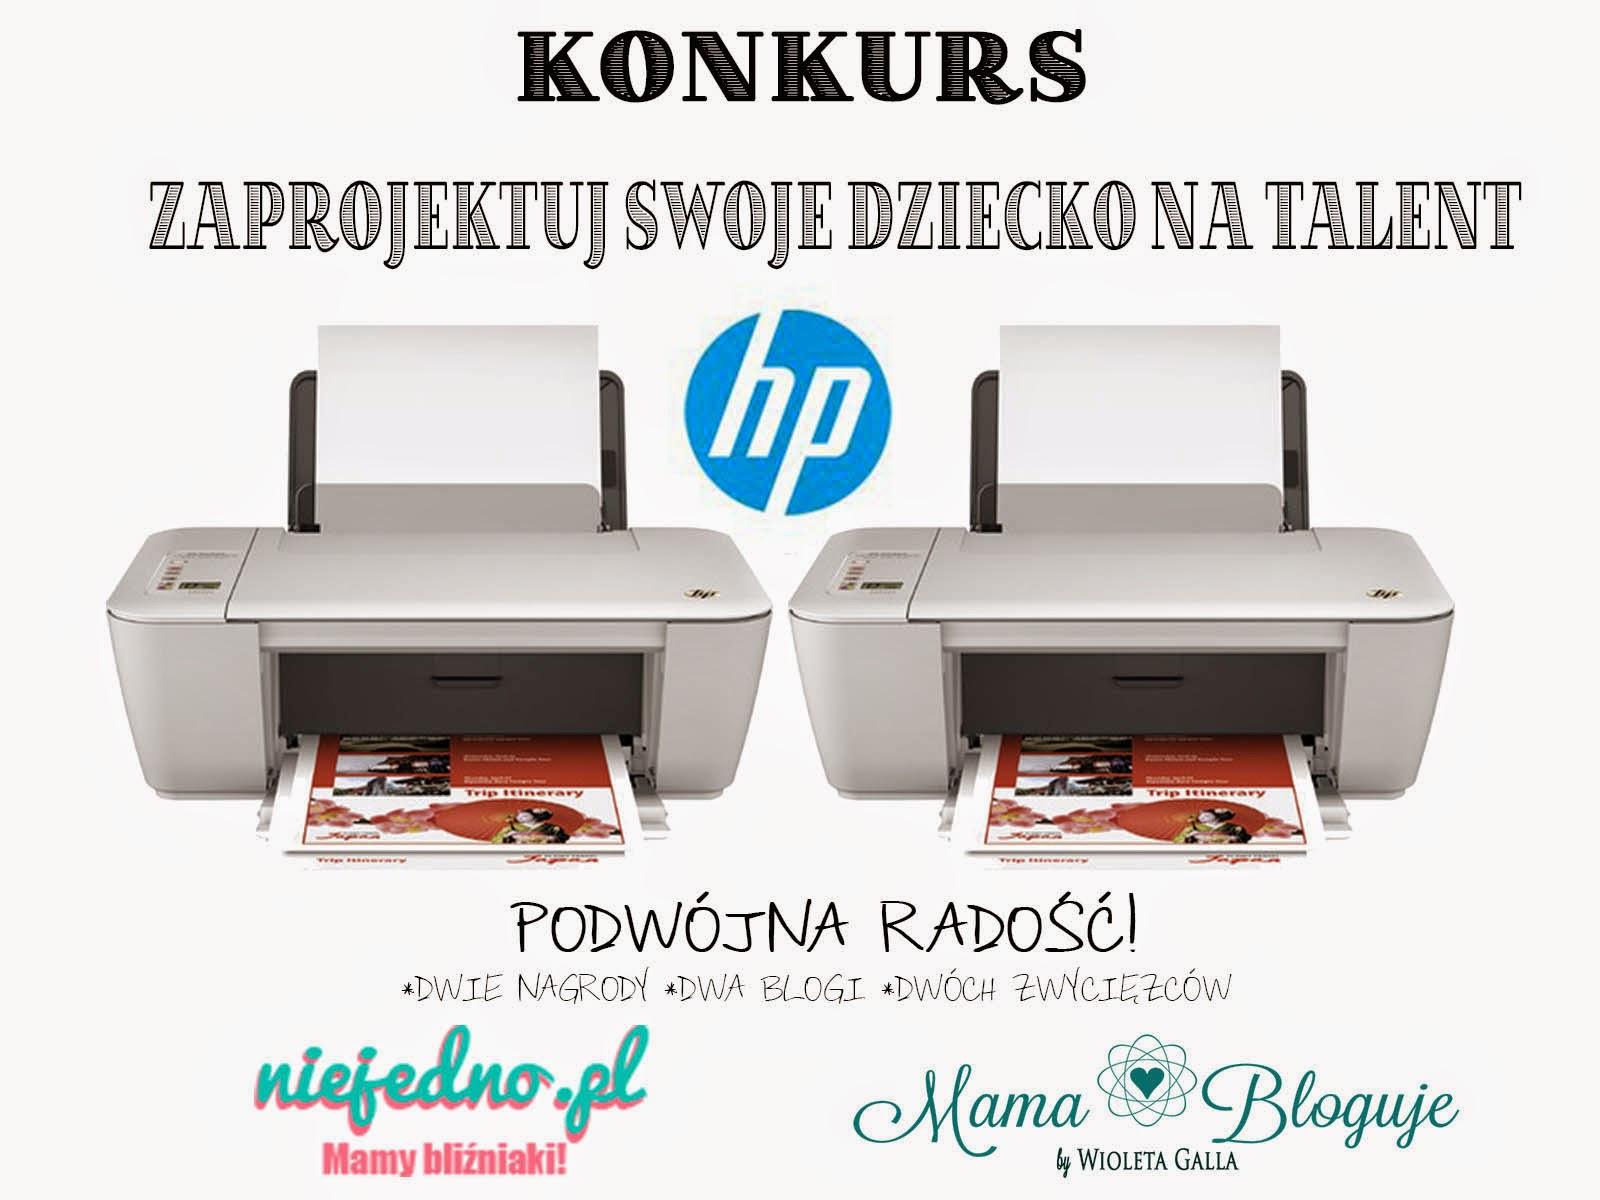 http://www.mama-bloguje.com/konkurs-zaprojektuj-dziecko-talent/